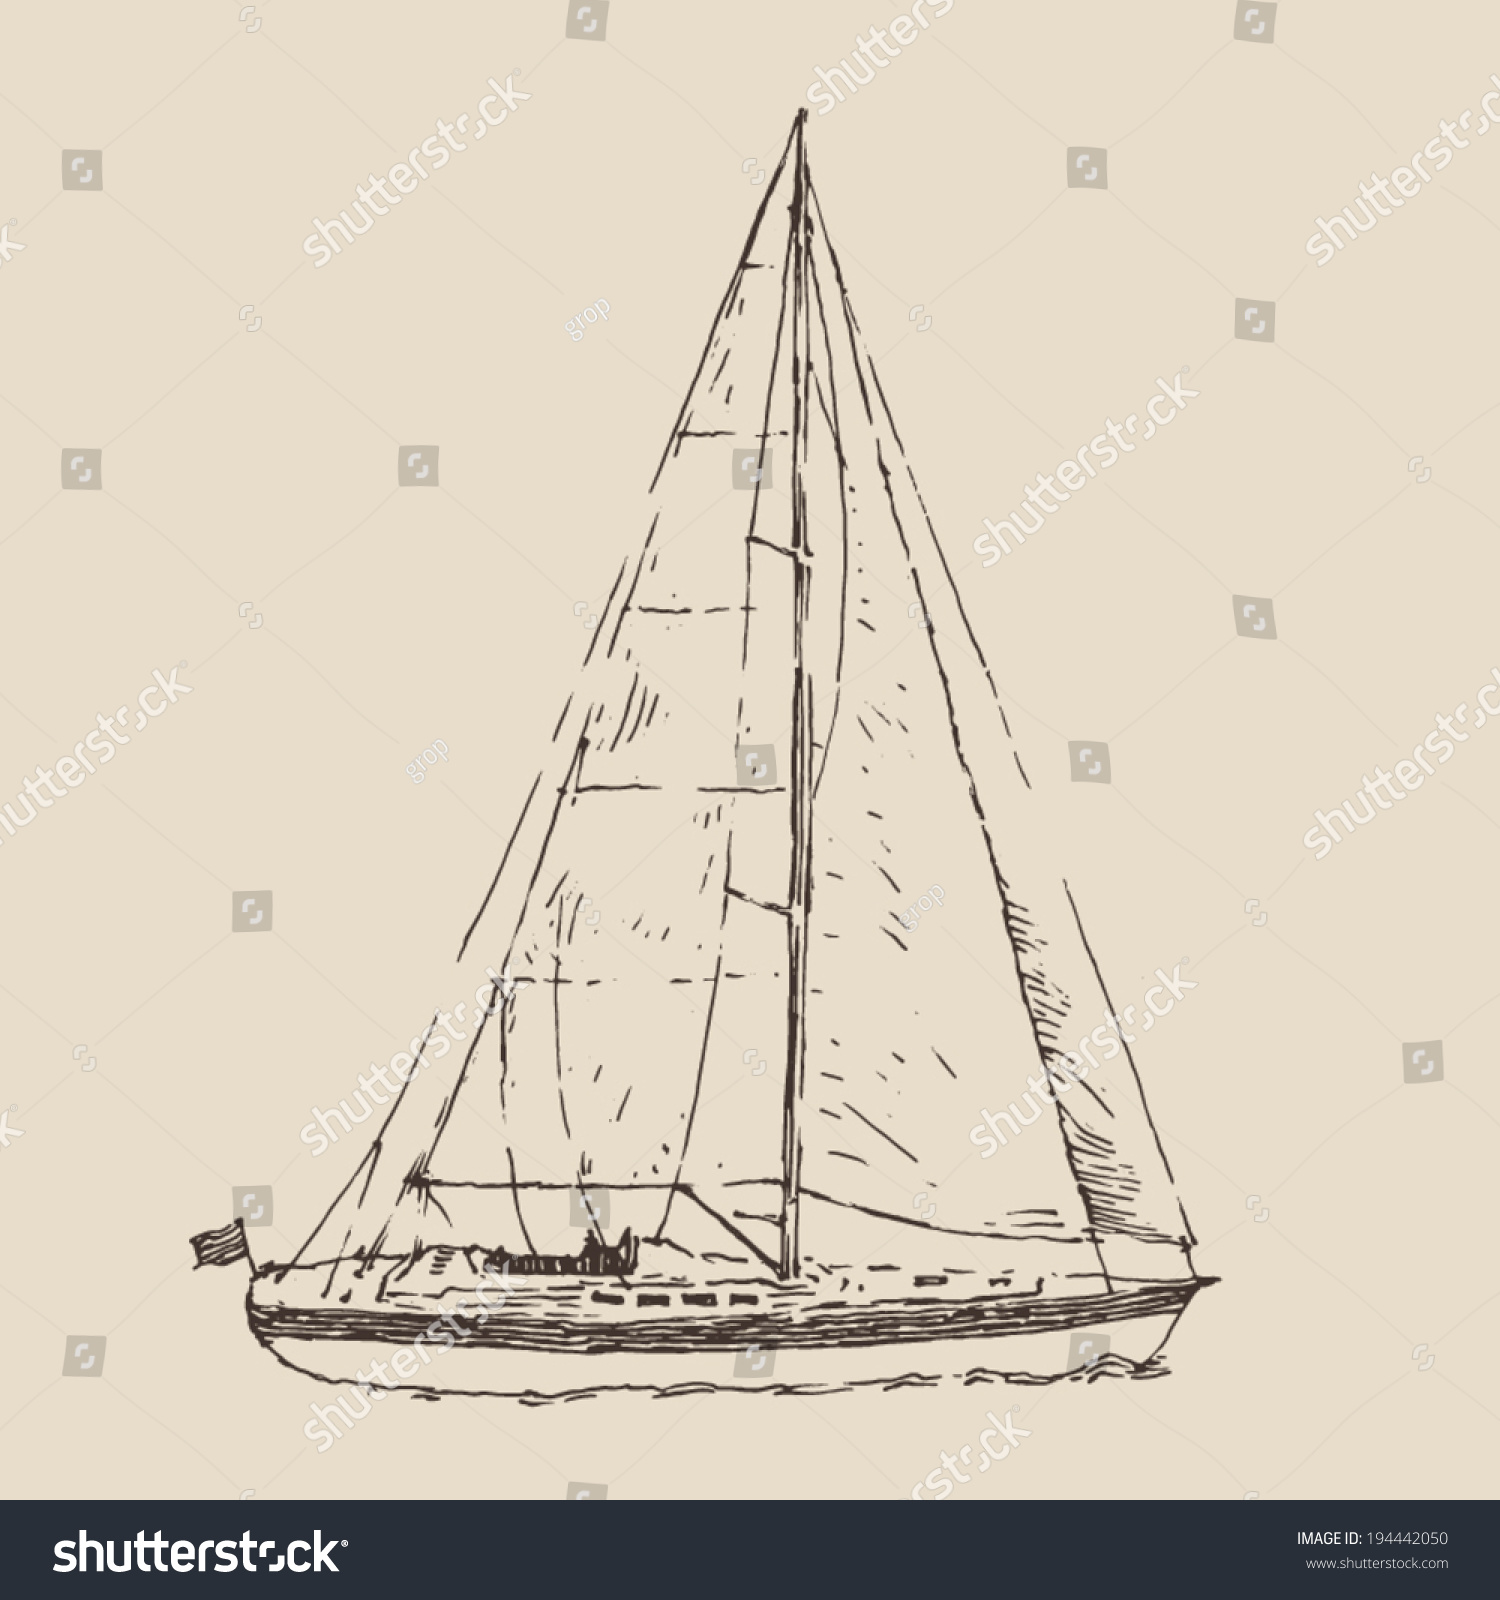 Vintage Sailboat Sketch Sailing Ship, (...